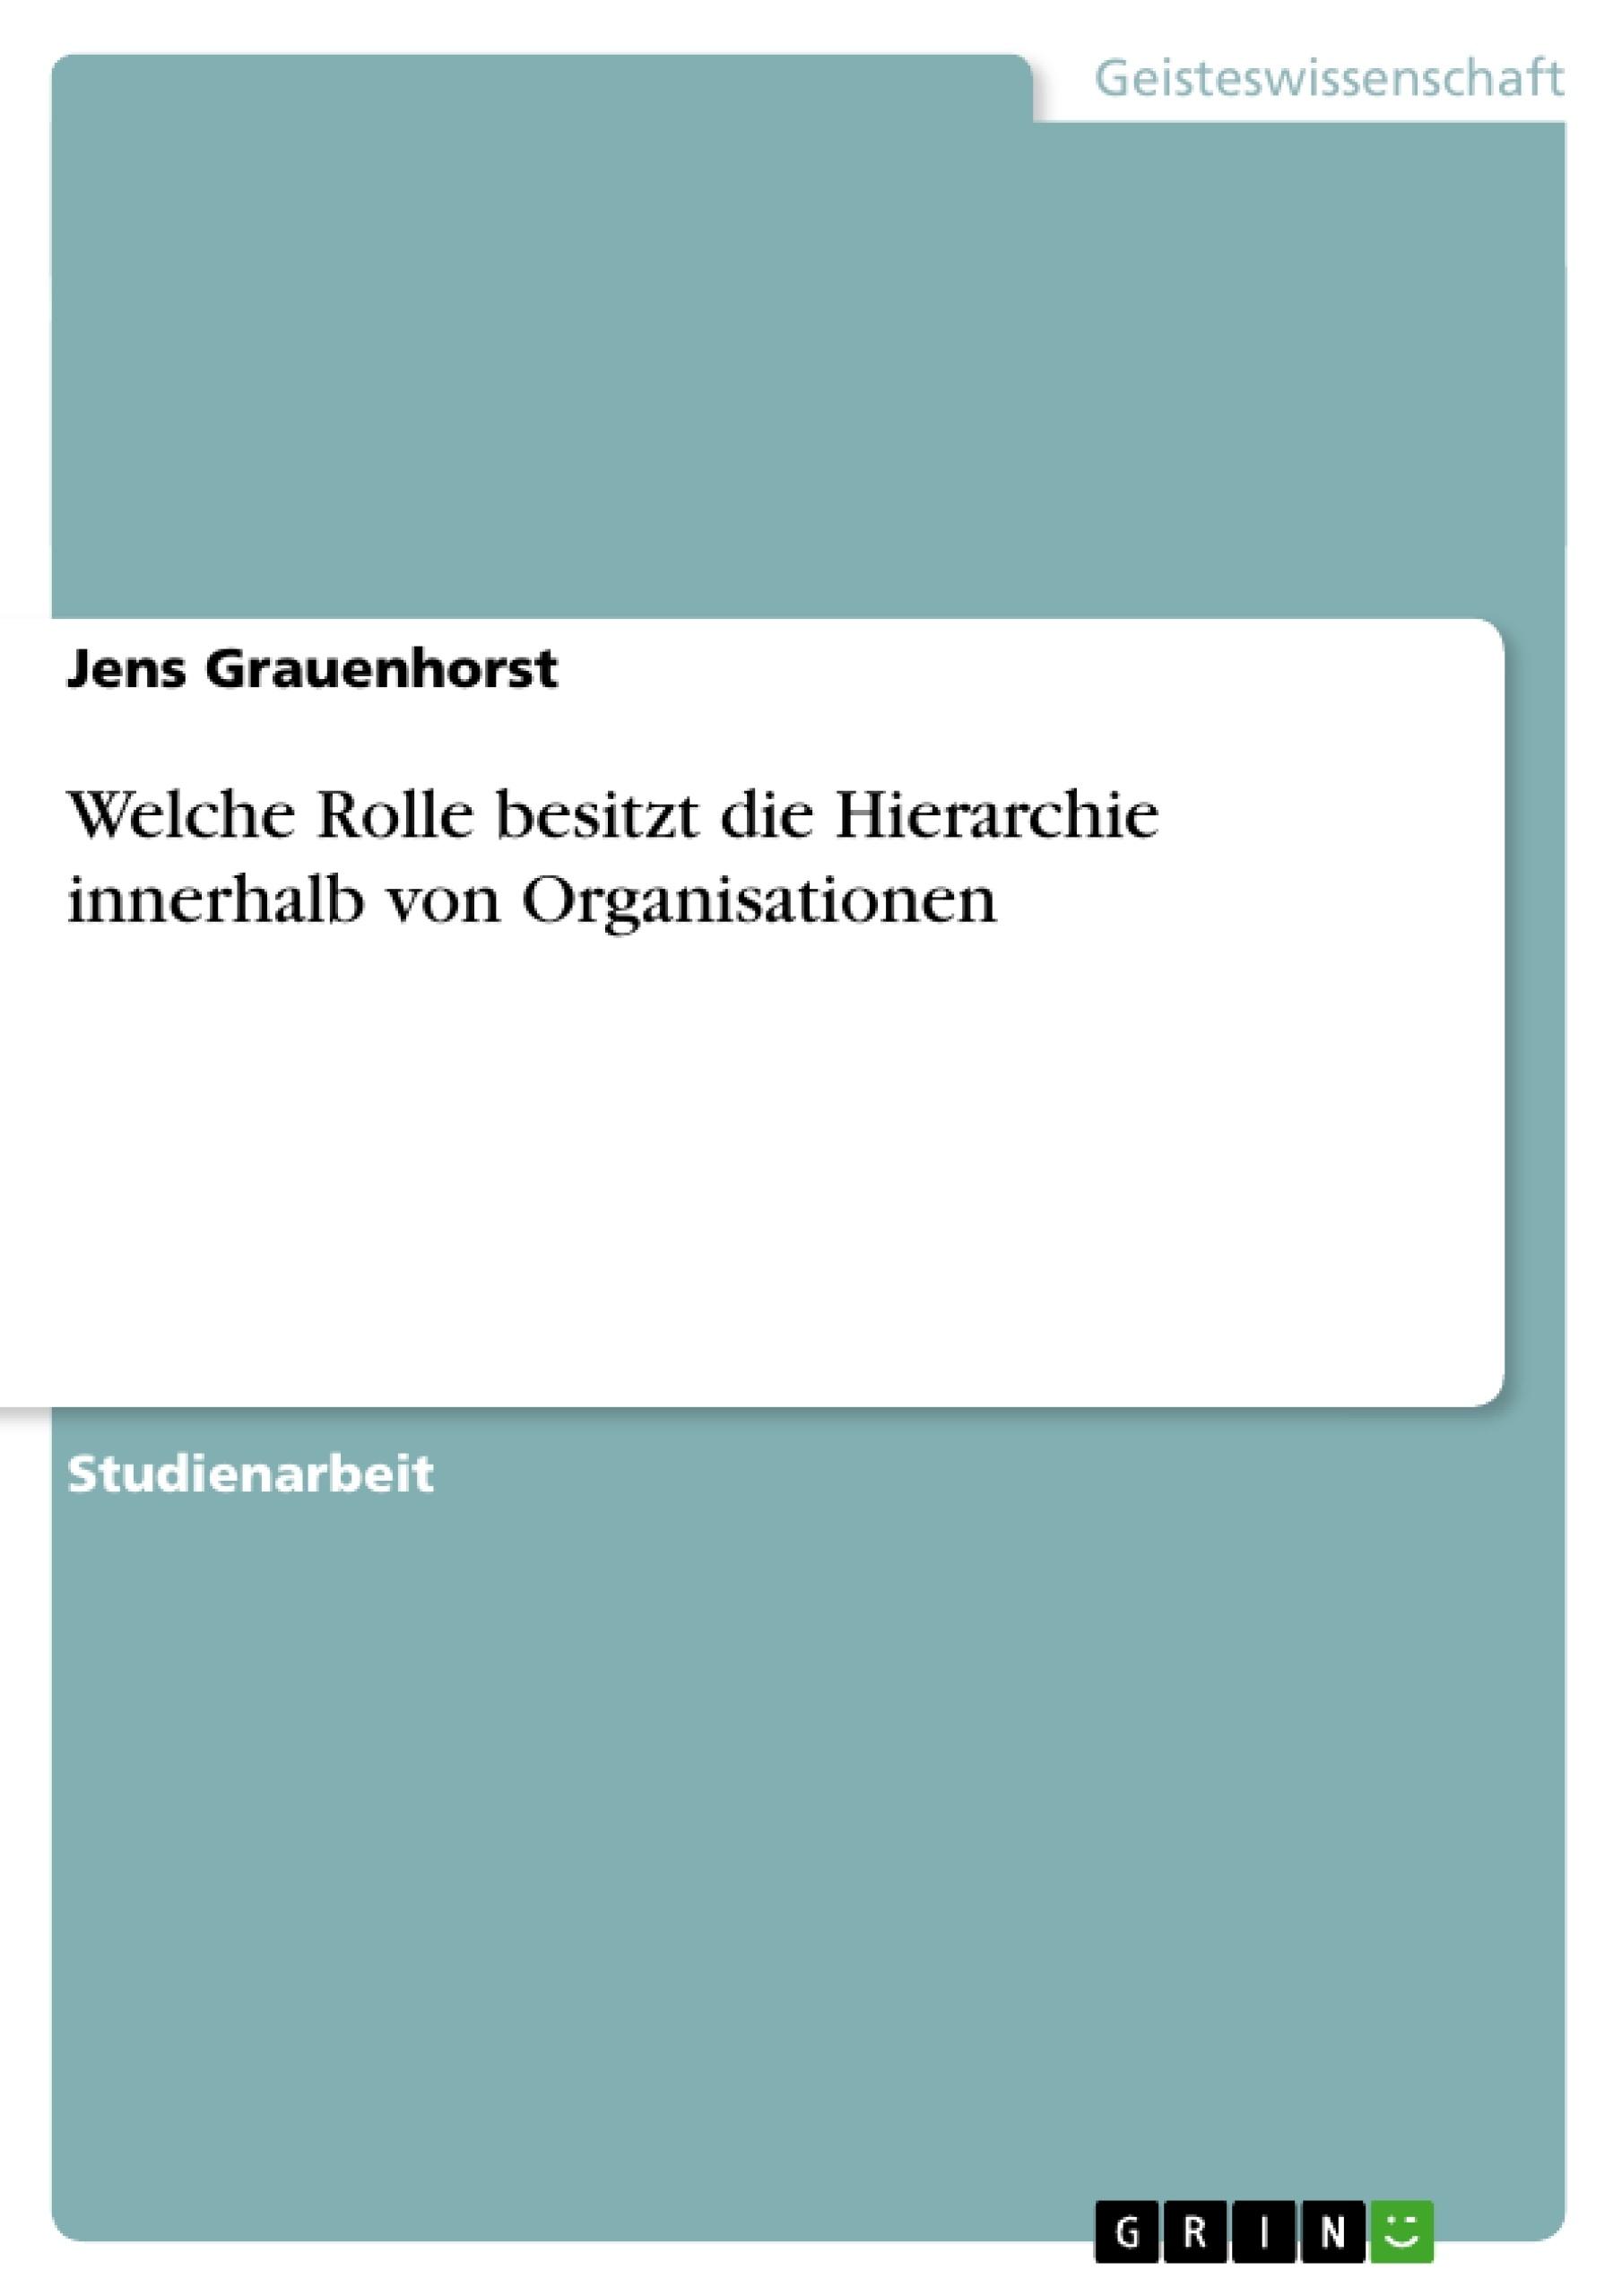 Titel: Welche Rolle besitzt die Hierarchie innerhalb von Organisationen